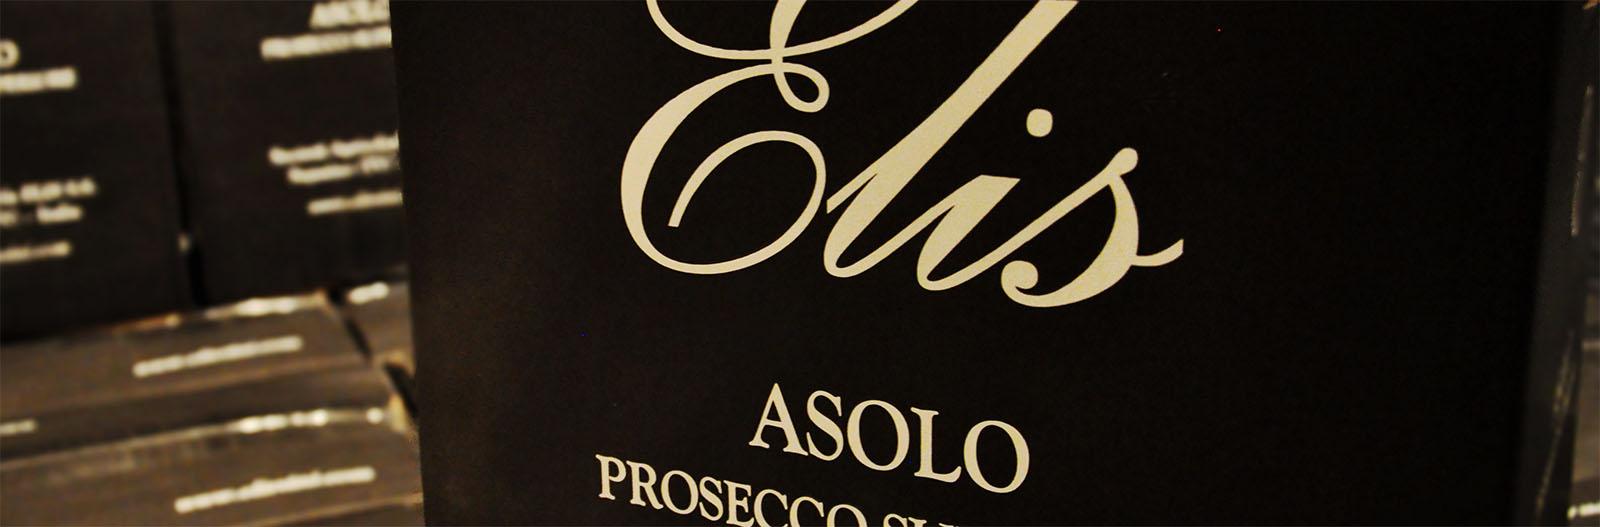 Elis Asolo Prosecco cartone da 6